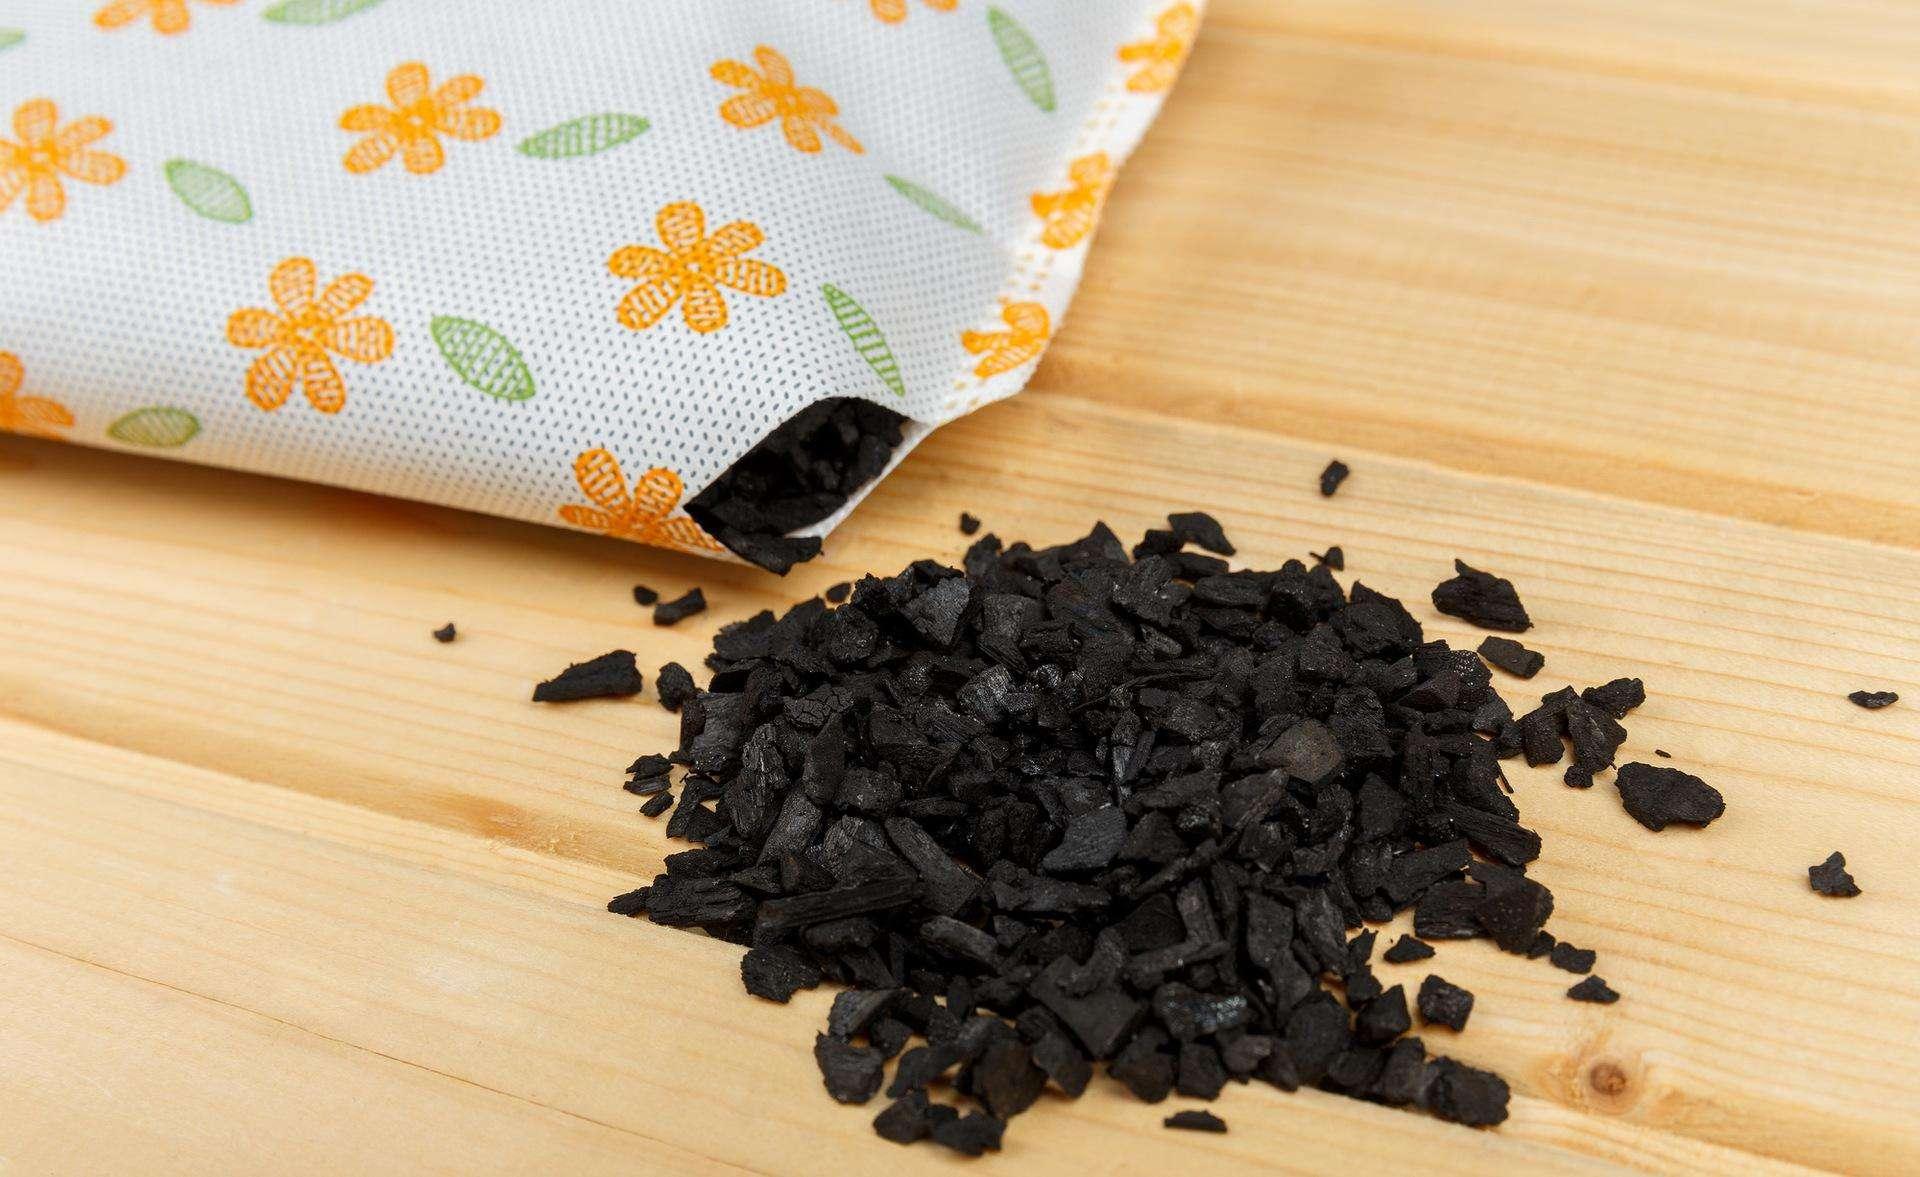 活性炭和竹炭的区别,那个去除甲醛效果好